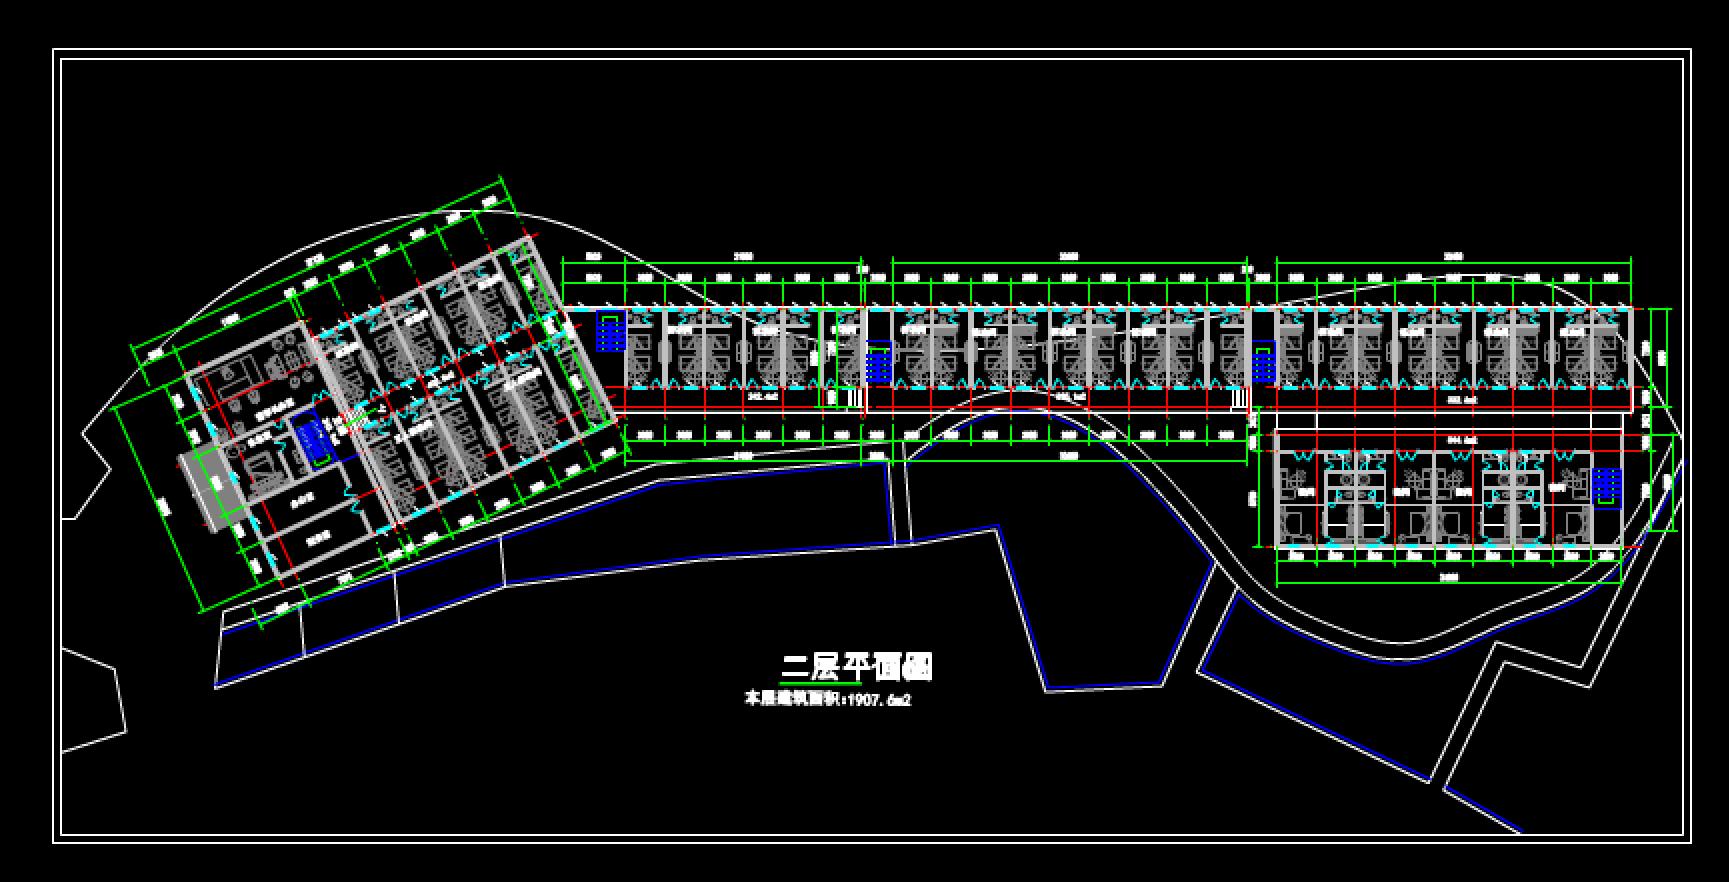 紫金山宾馆三层平面图